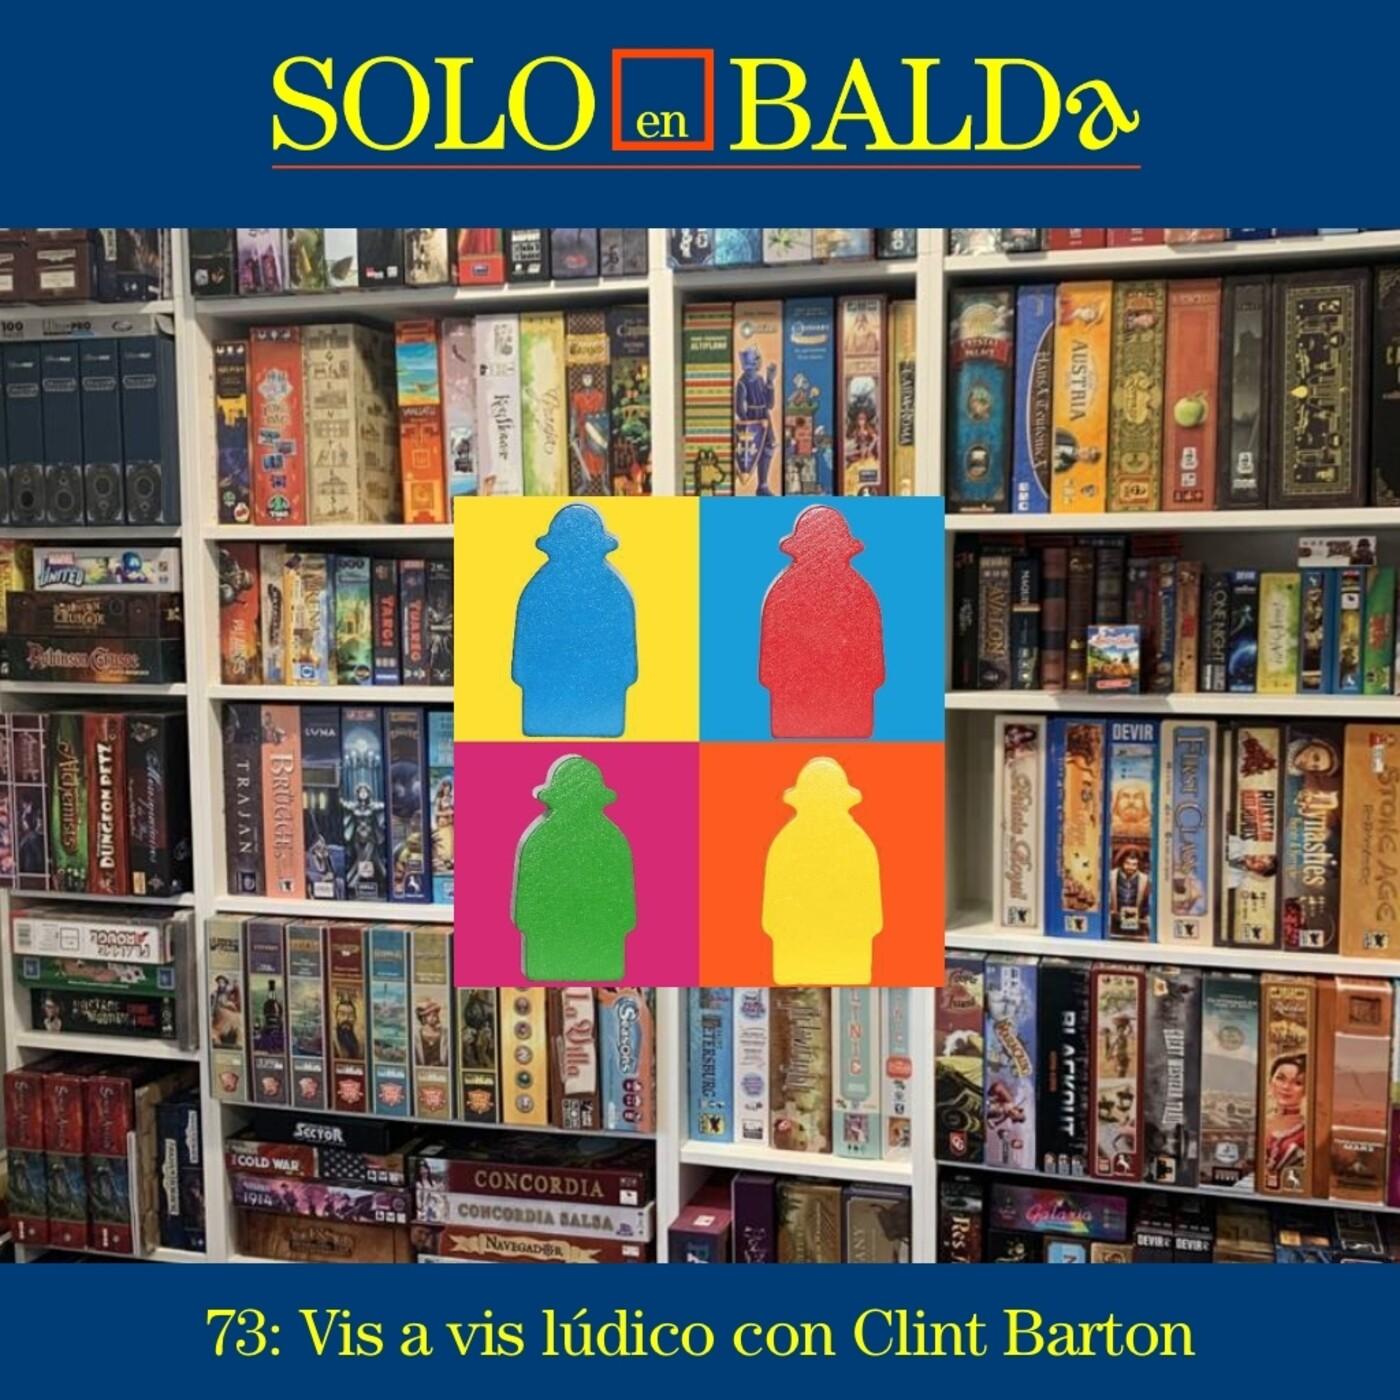 73: Vis a vis lúdico con Clint Barton